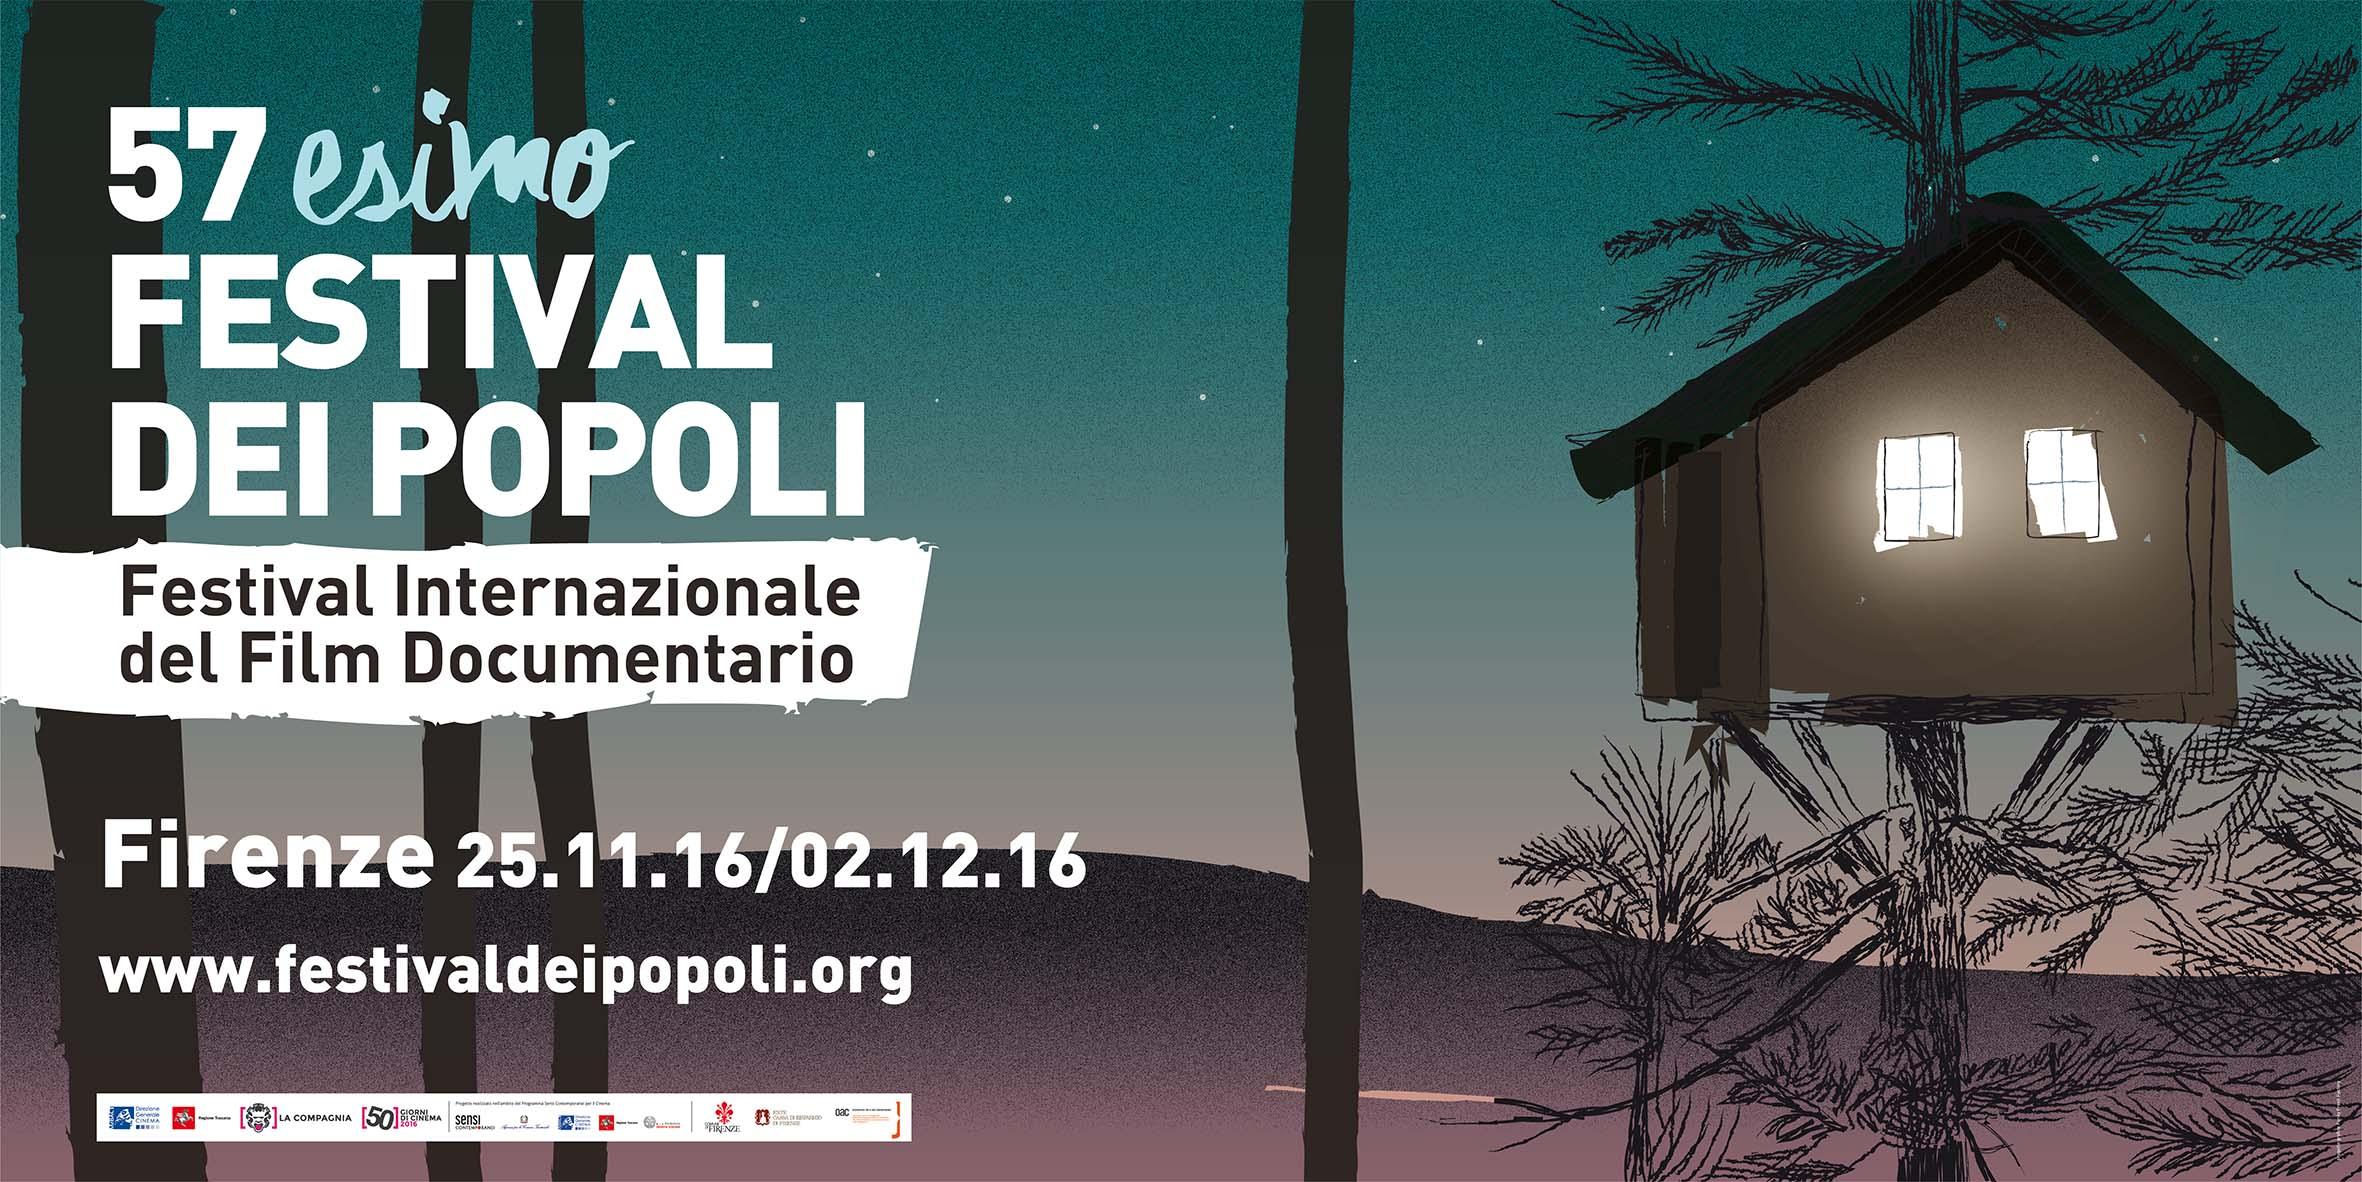 57/mo Festival dei Popoli di Firenze: riparte dal 25 novembre il festival internazionale del film documentario